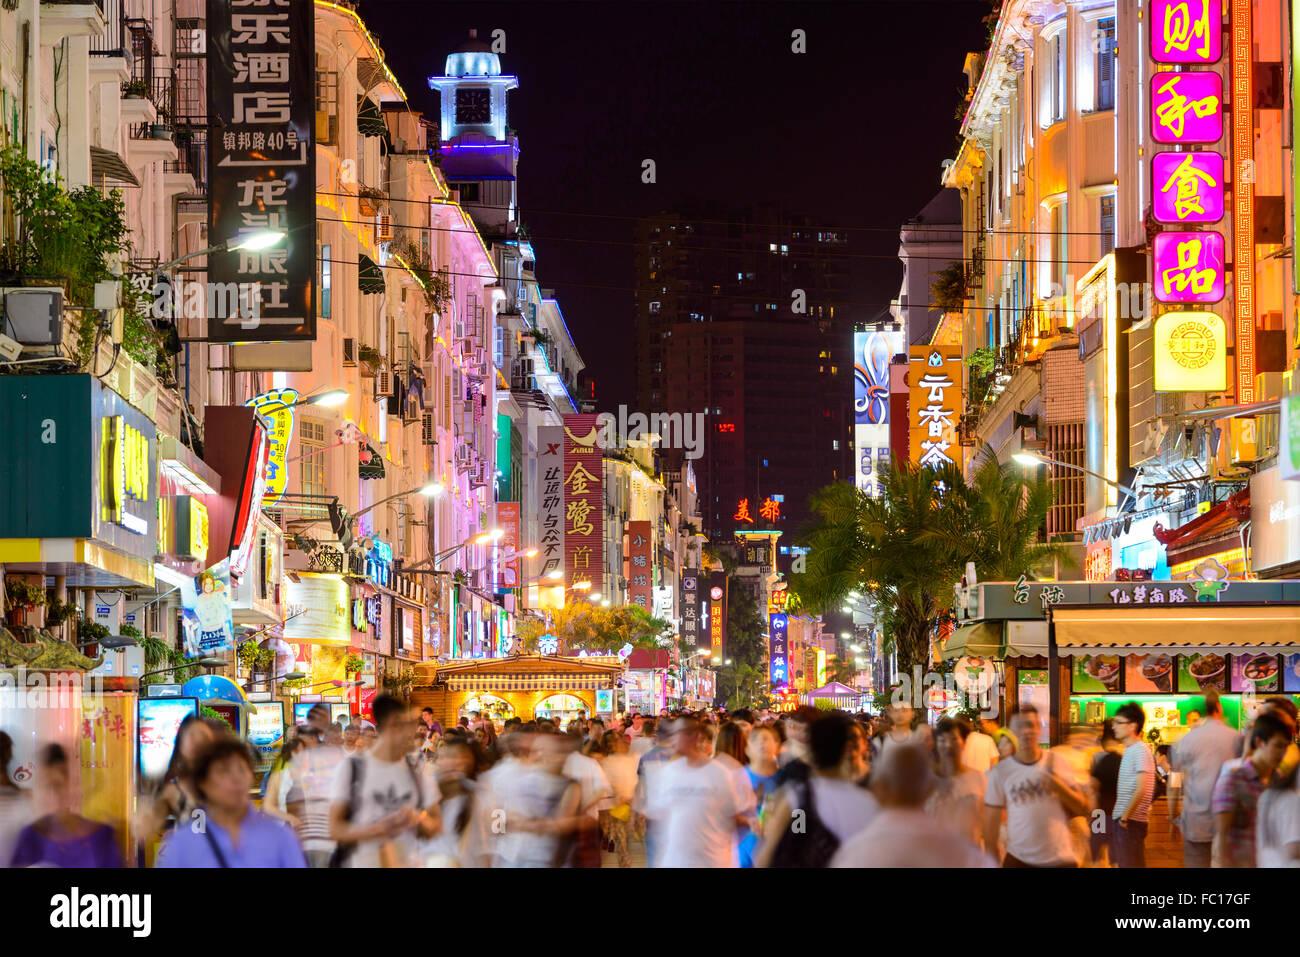 Les piétons marchent sur la route Zhongshan dans la nuit à Xiamen, Chine. Photo Stock